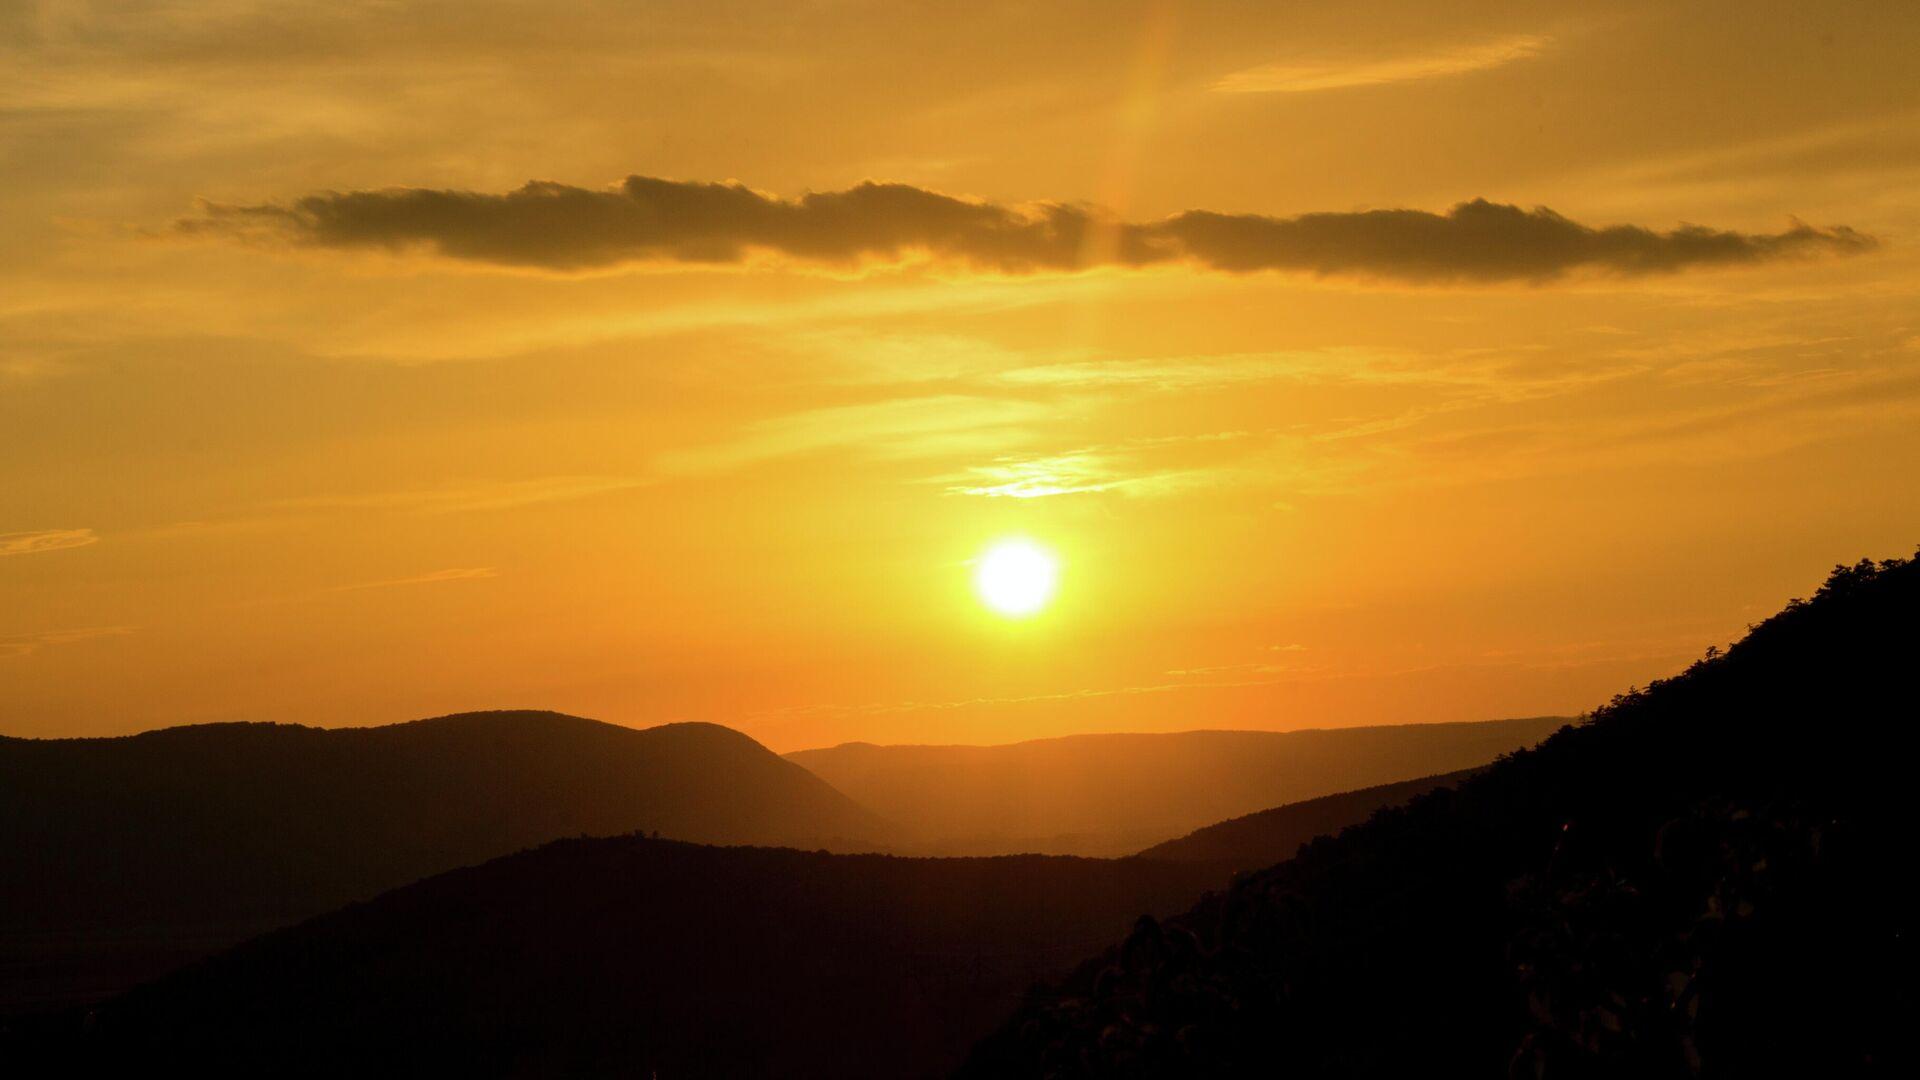 Солнце в горах - Sputnik Узбекистан, 1920, 23.07.2021